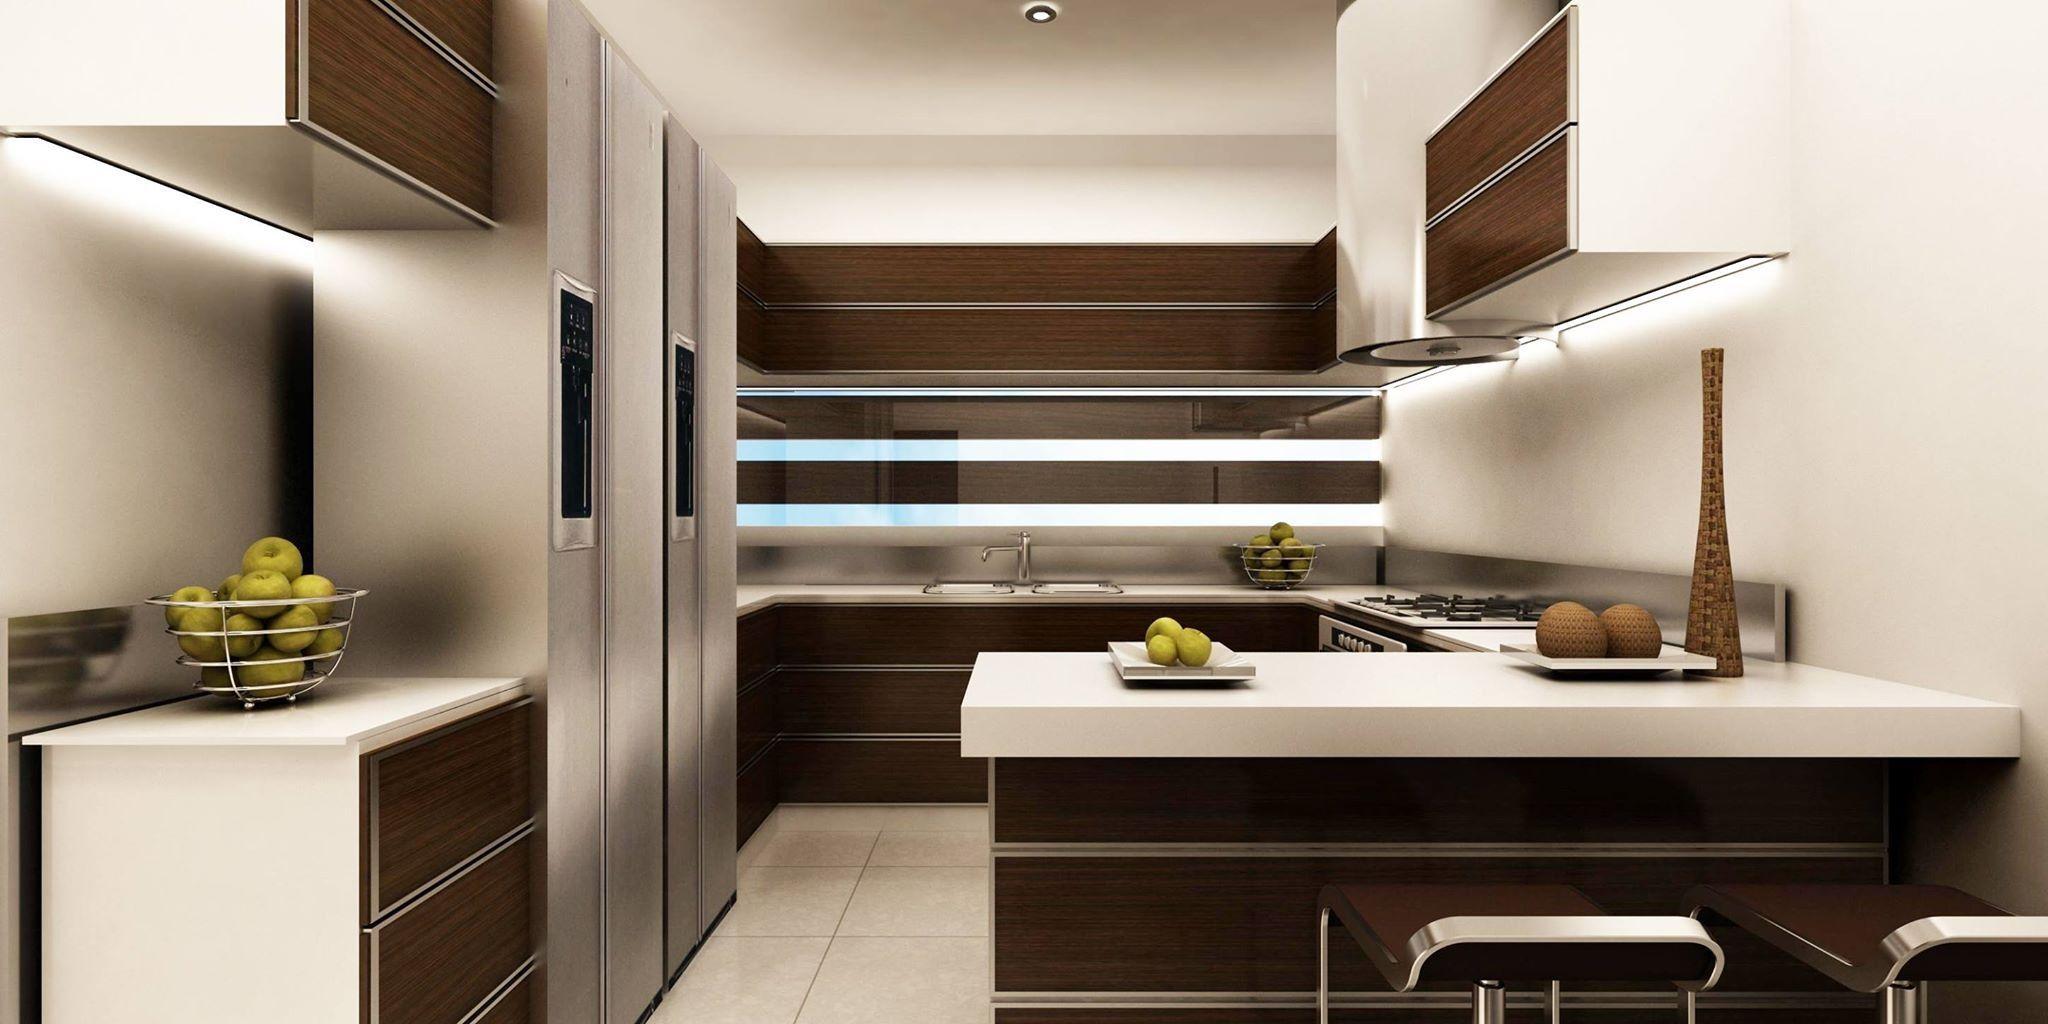 Cocina edificio de apartamentos ibiza en sta cruz de for Cocinas para apartamentos pequenos